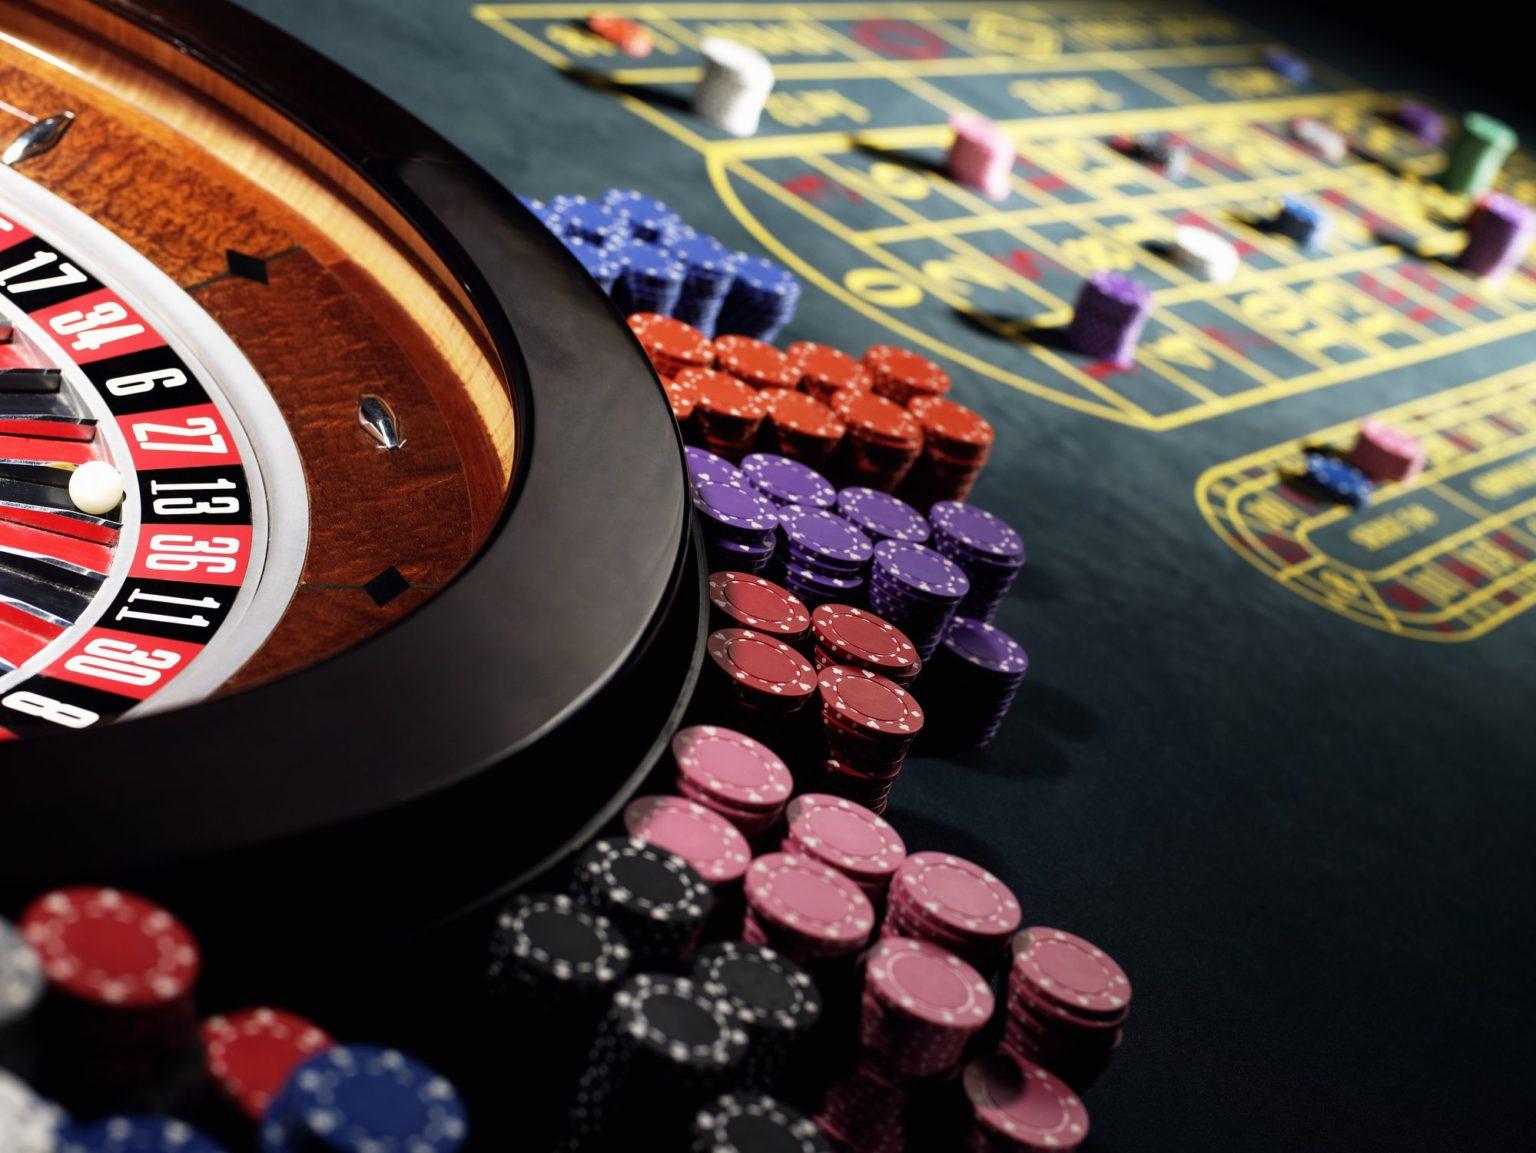 Negócio de jogos de azar na Noruega